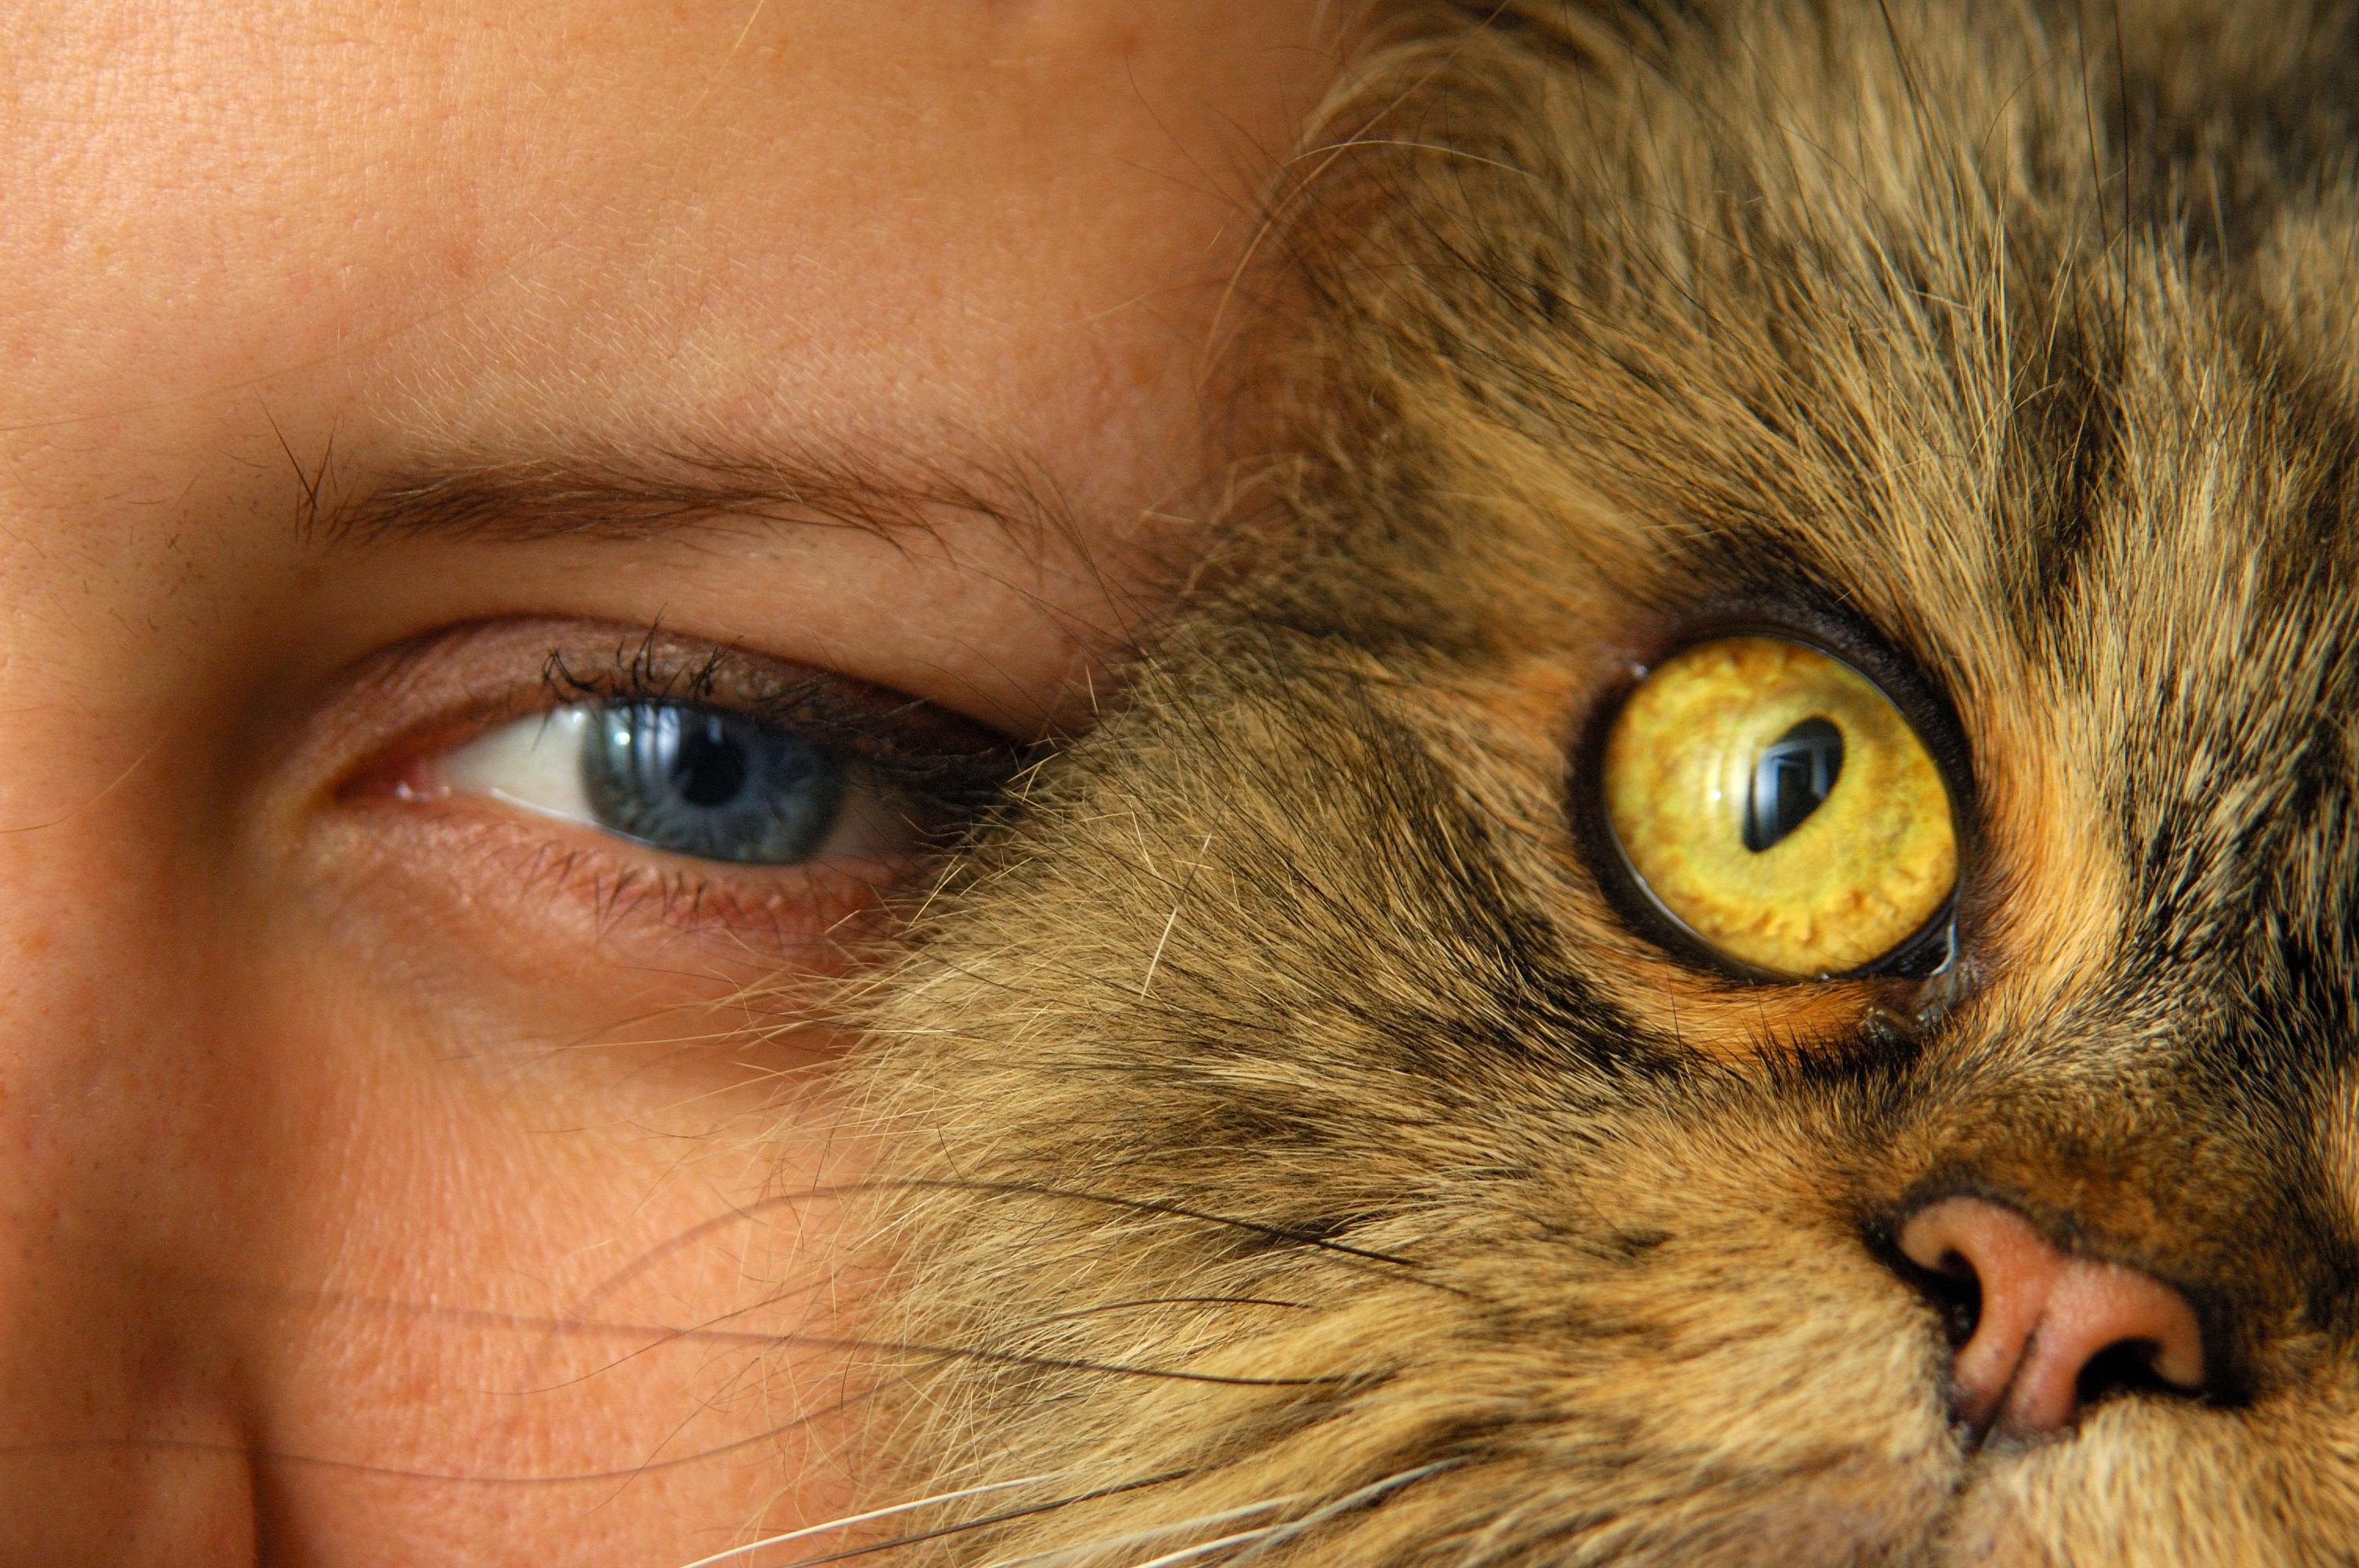 картинка глаз человека и кота степного волка значительно